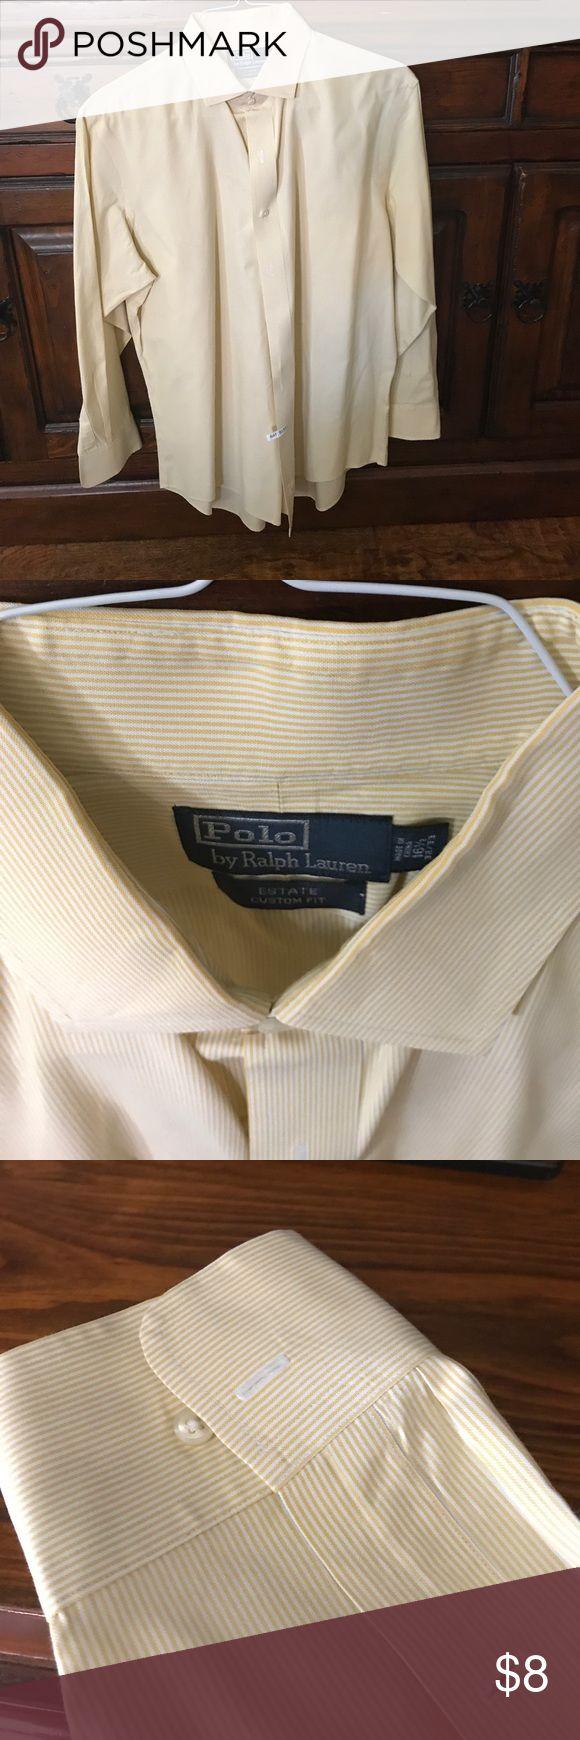 Polo Ralph Lauren Yellow Striped Dress Shirt Yellow and White Pin Striped Dress Shirt by Polo by Ralph Lauren. Size 16.5/32/33. Estate Custom Fit. Non Smoking Home. No visible Defects. Polo by Ralph Lauren Shirts Dress Shirts